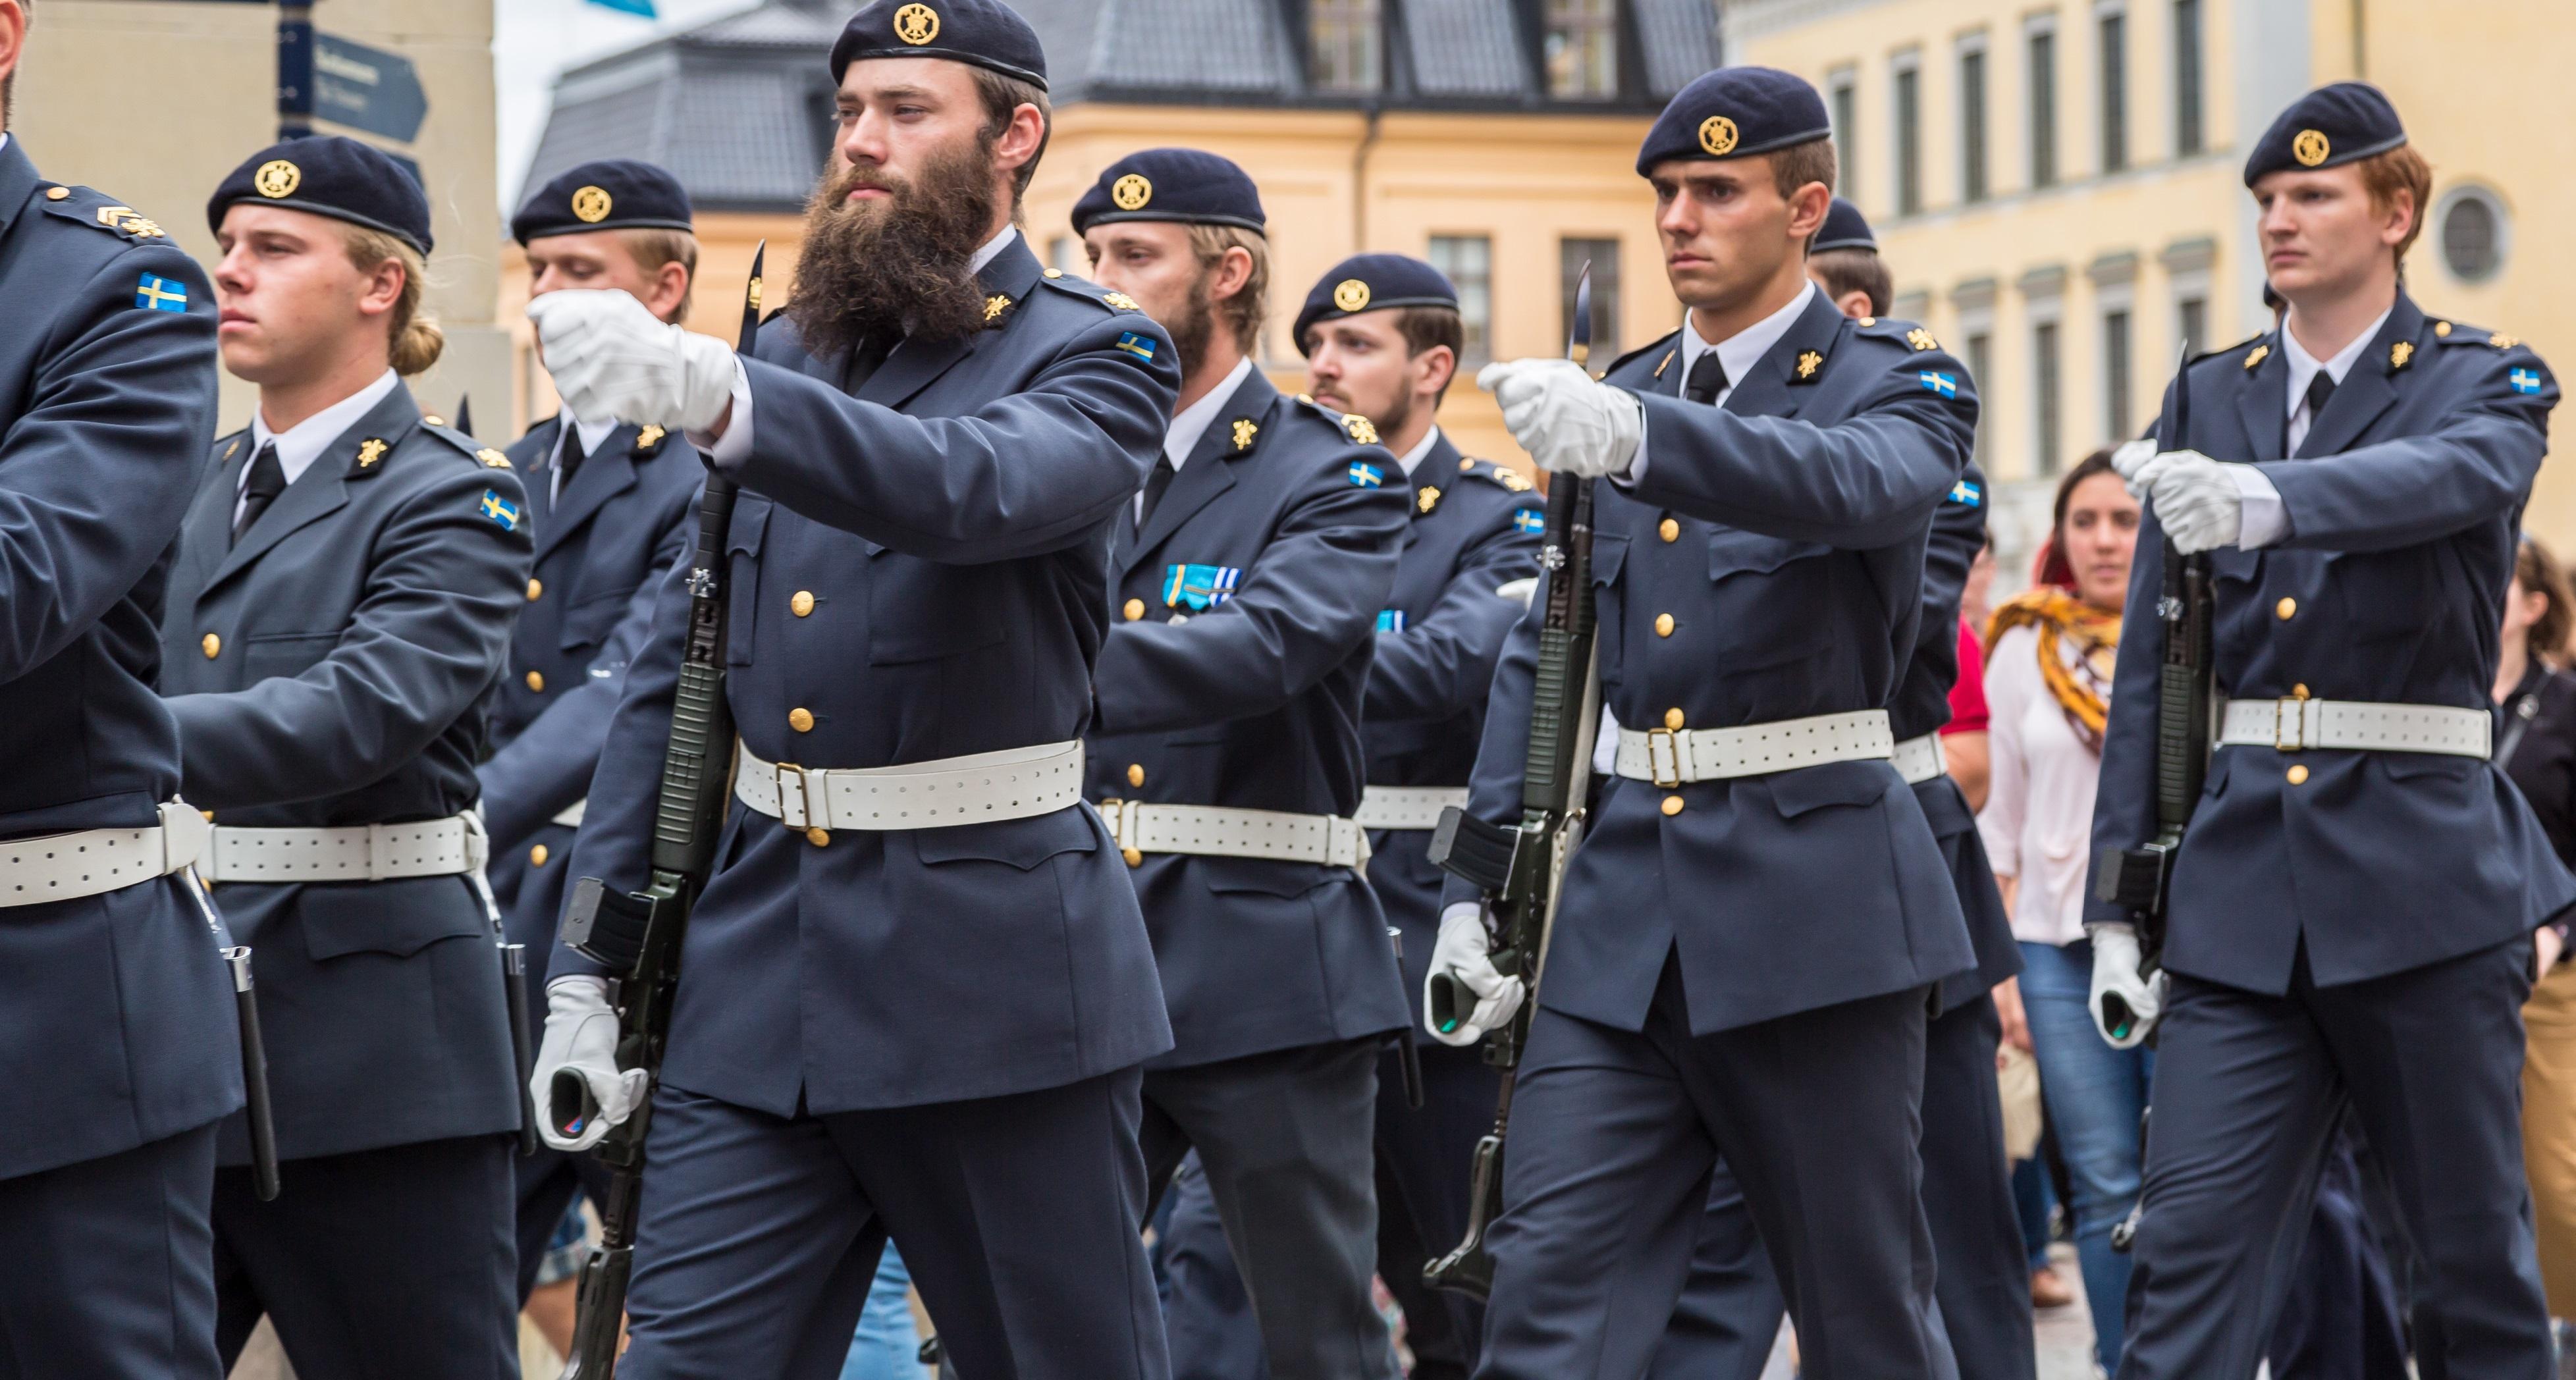 Öppnar värnplikt för nya regementen?